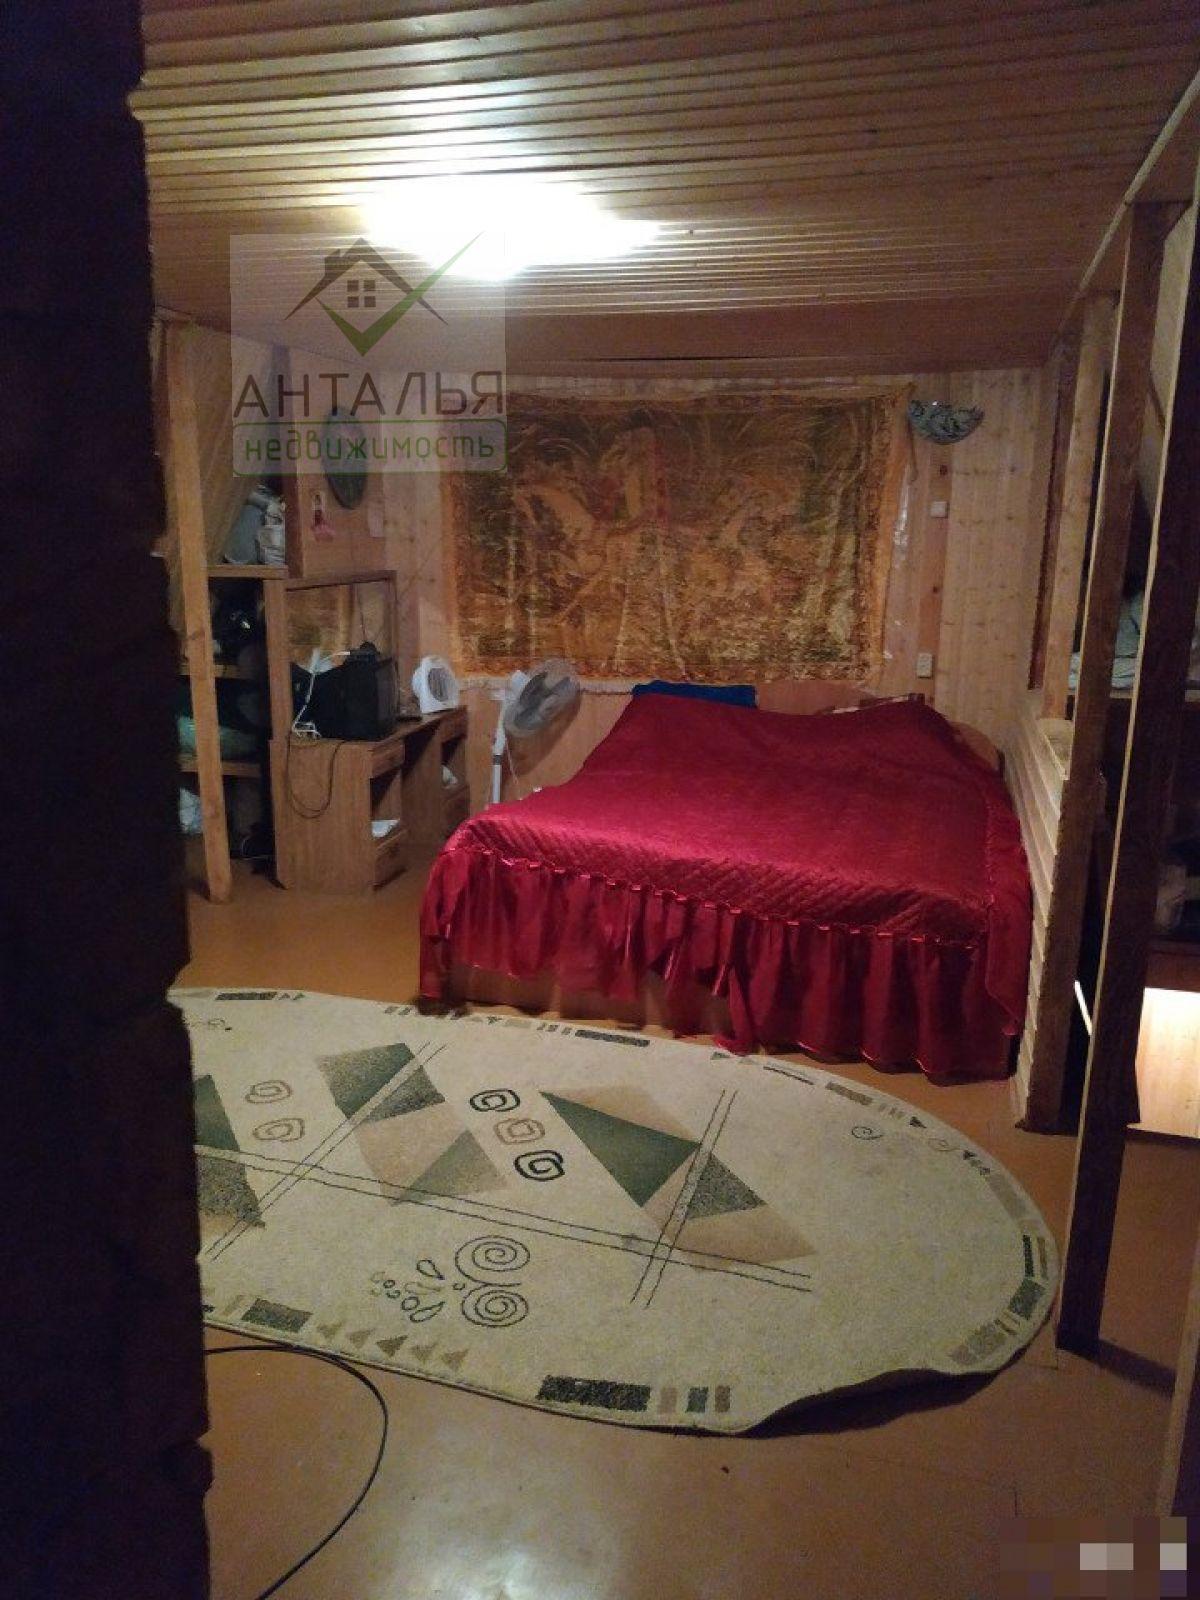 Продам дом, Ростовская область, Каменск-Шахтинский, Дачи лесхоз, Юбилейное снт, N1 ул